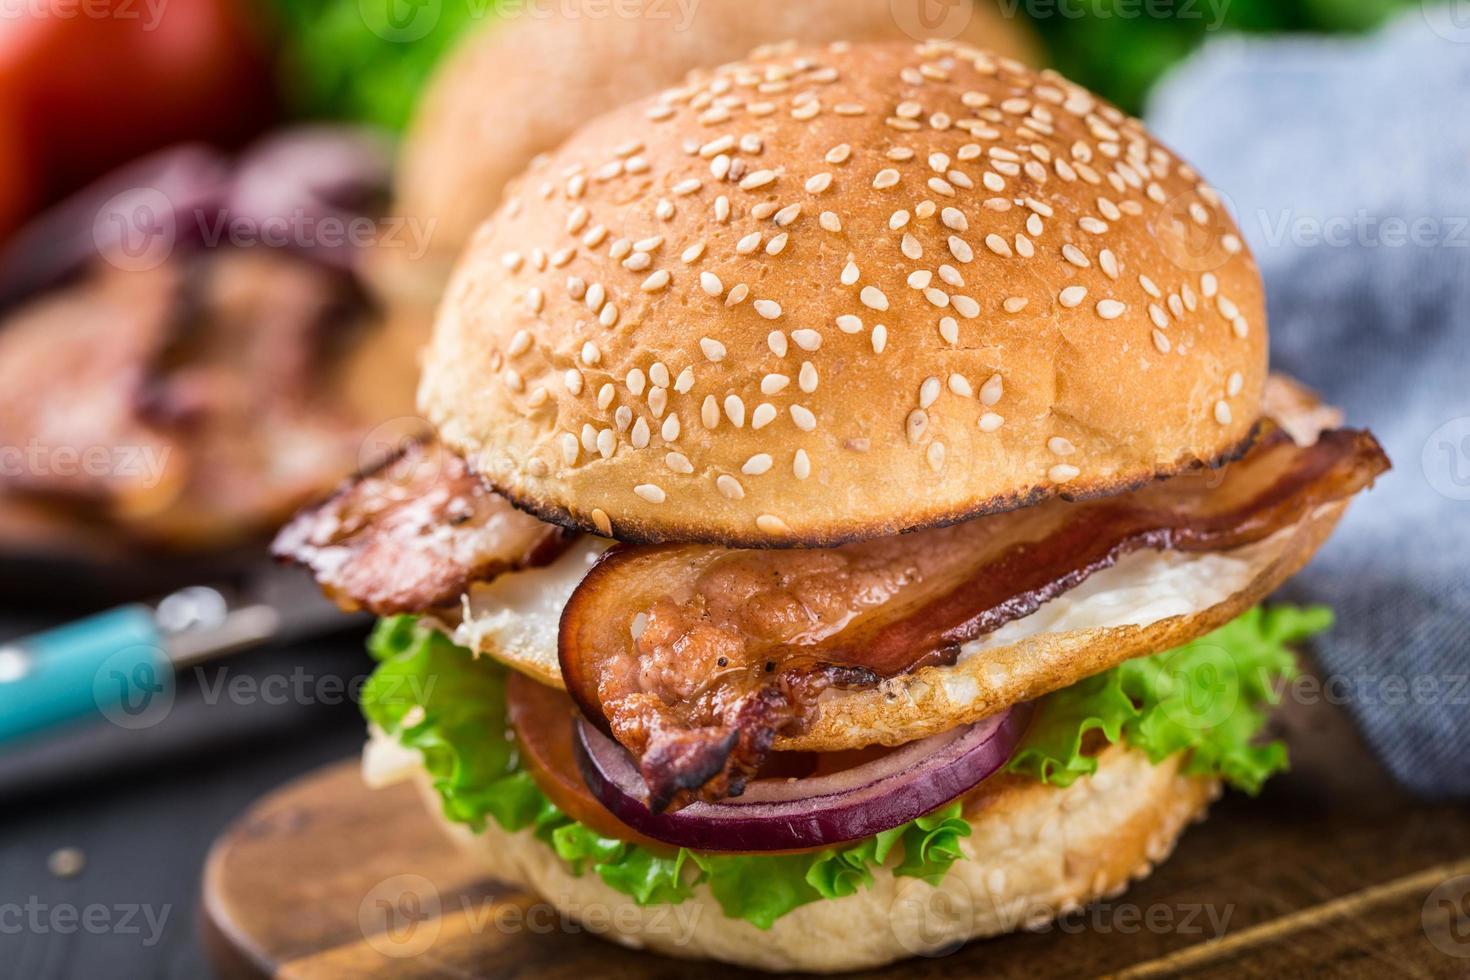 hausgemachter Burger auf Holzbrett foto